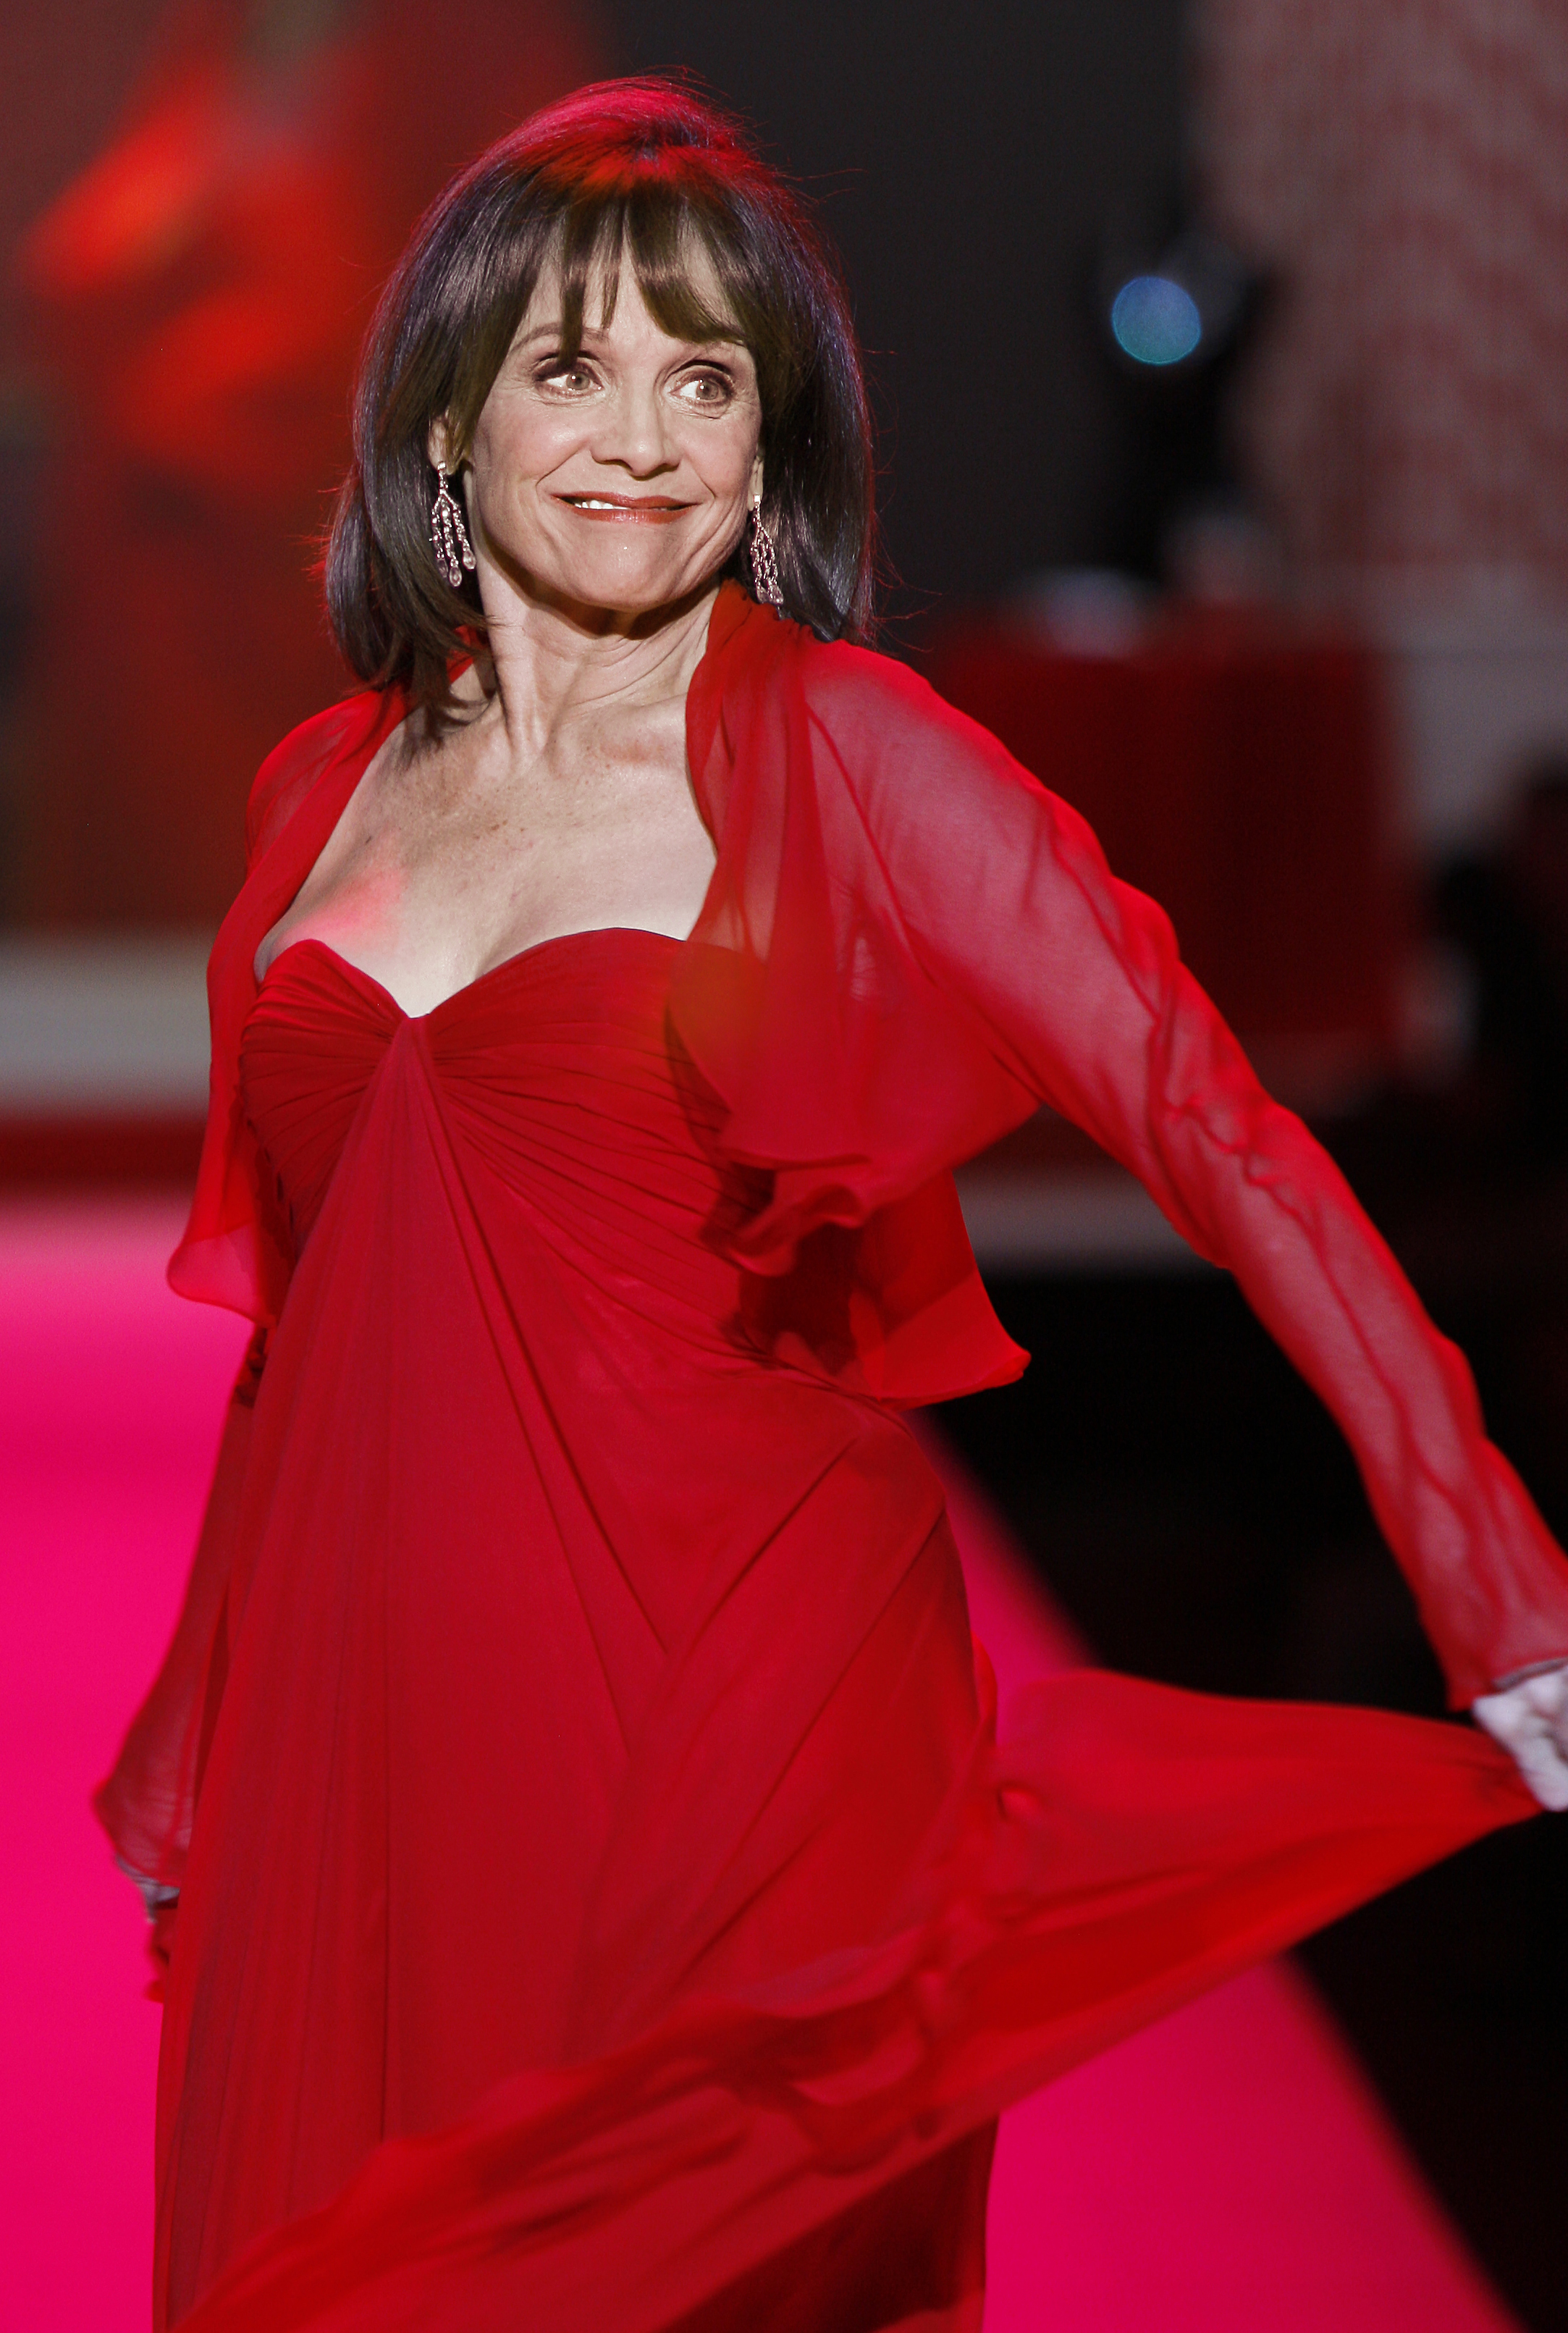 valerie harper in red dress